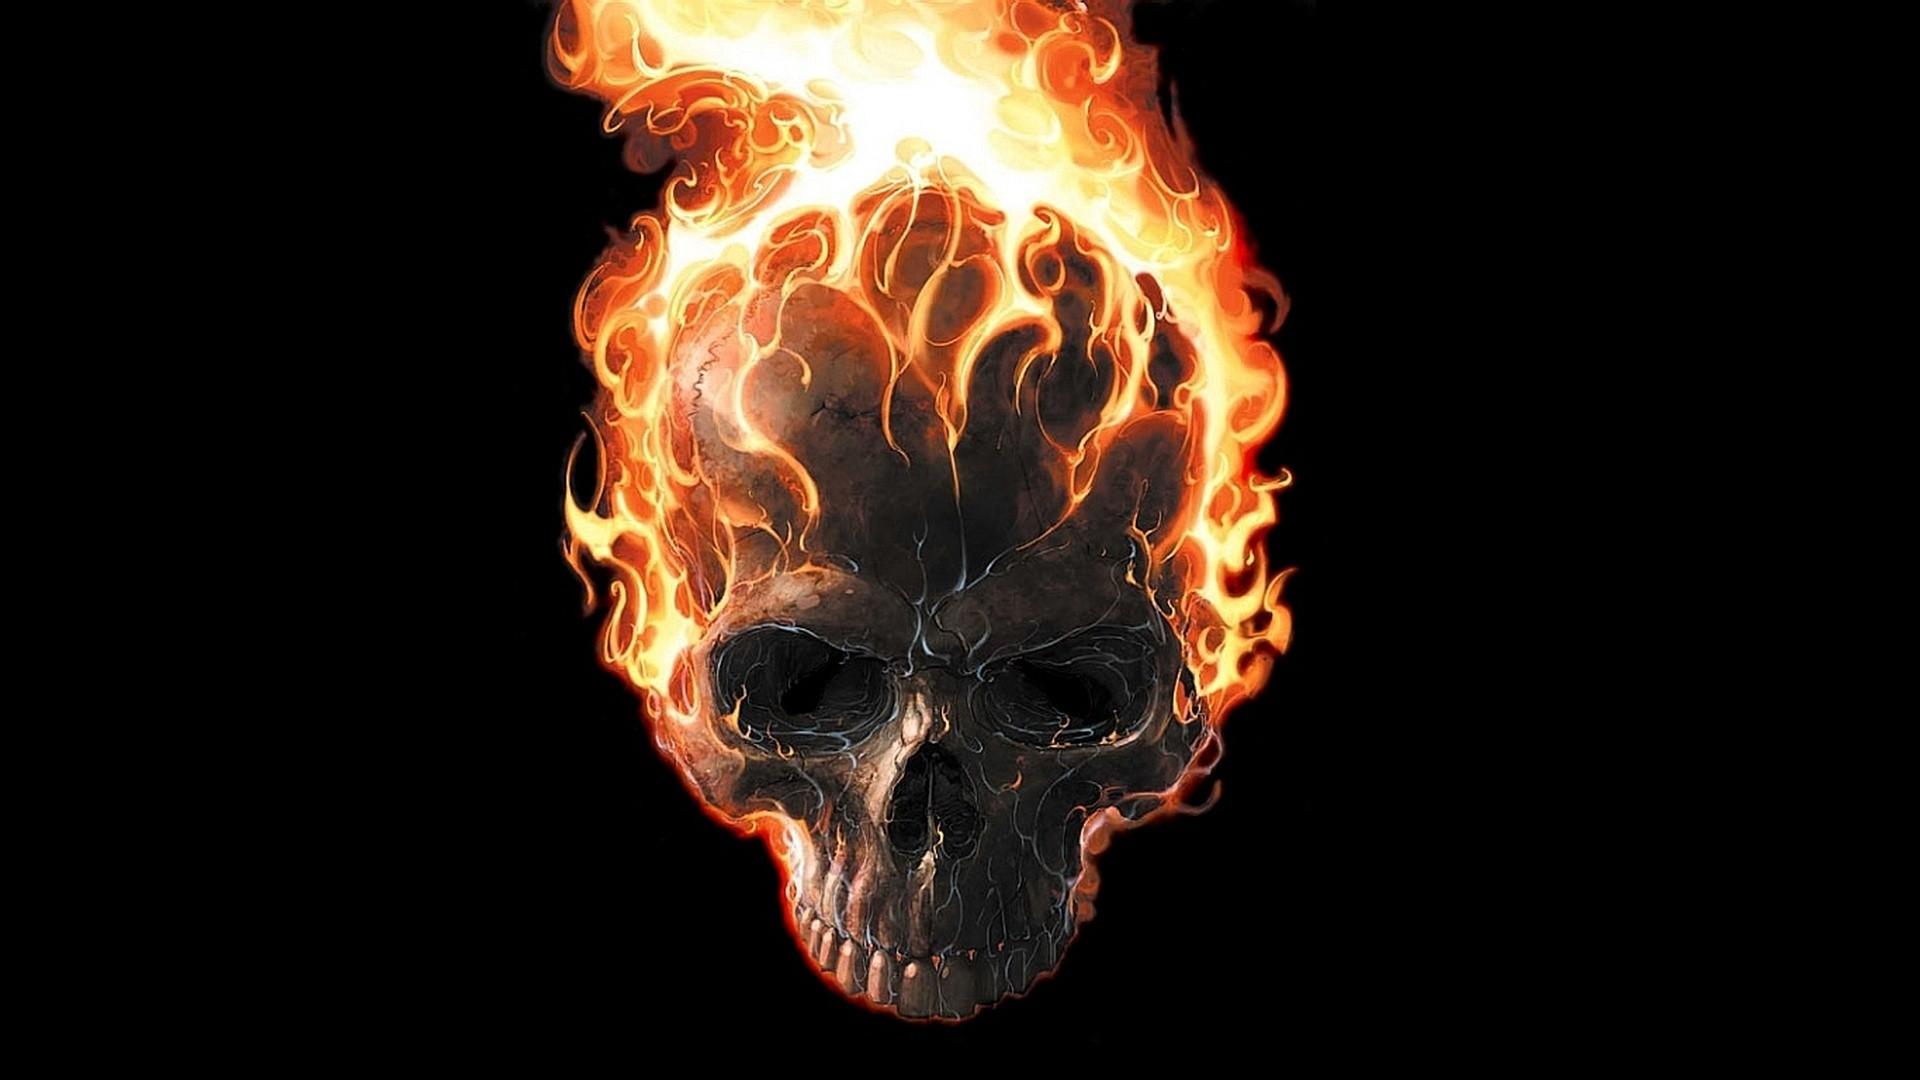 Ghost Rider Fire Skull Download Wallpaper